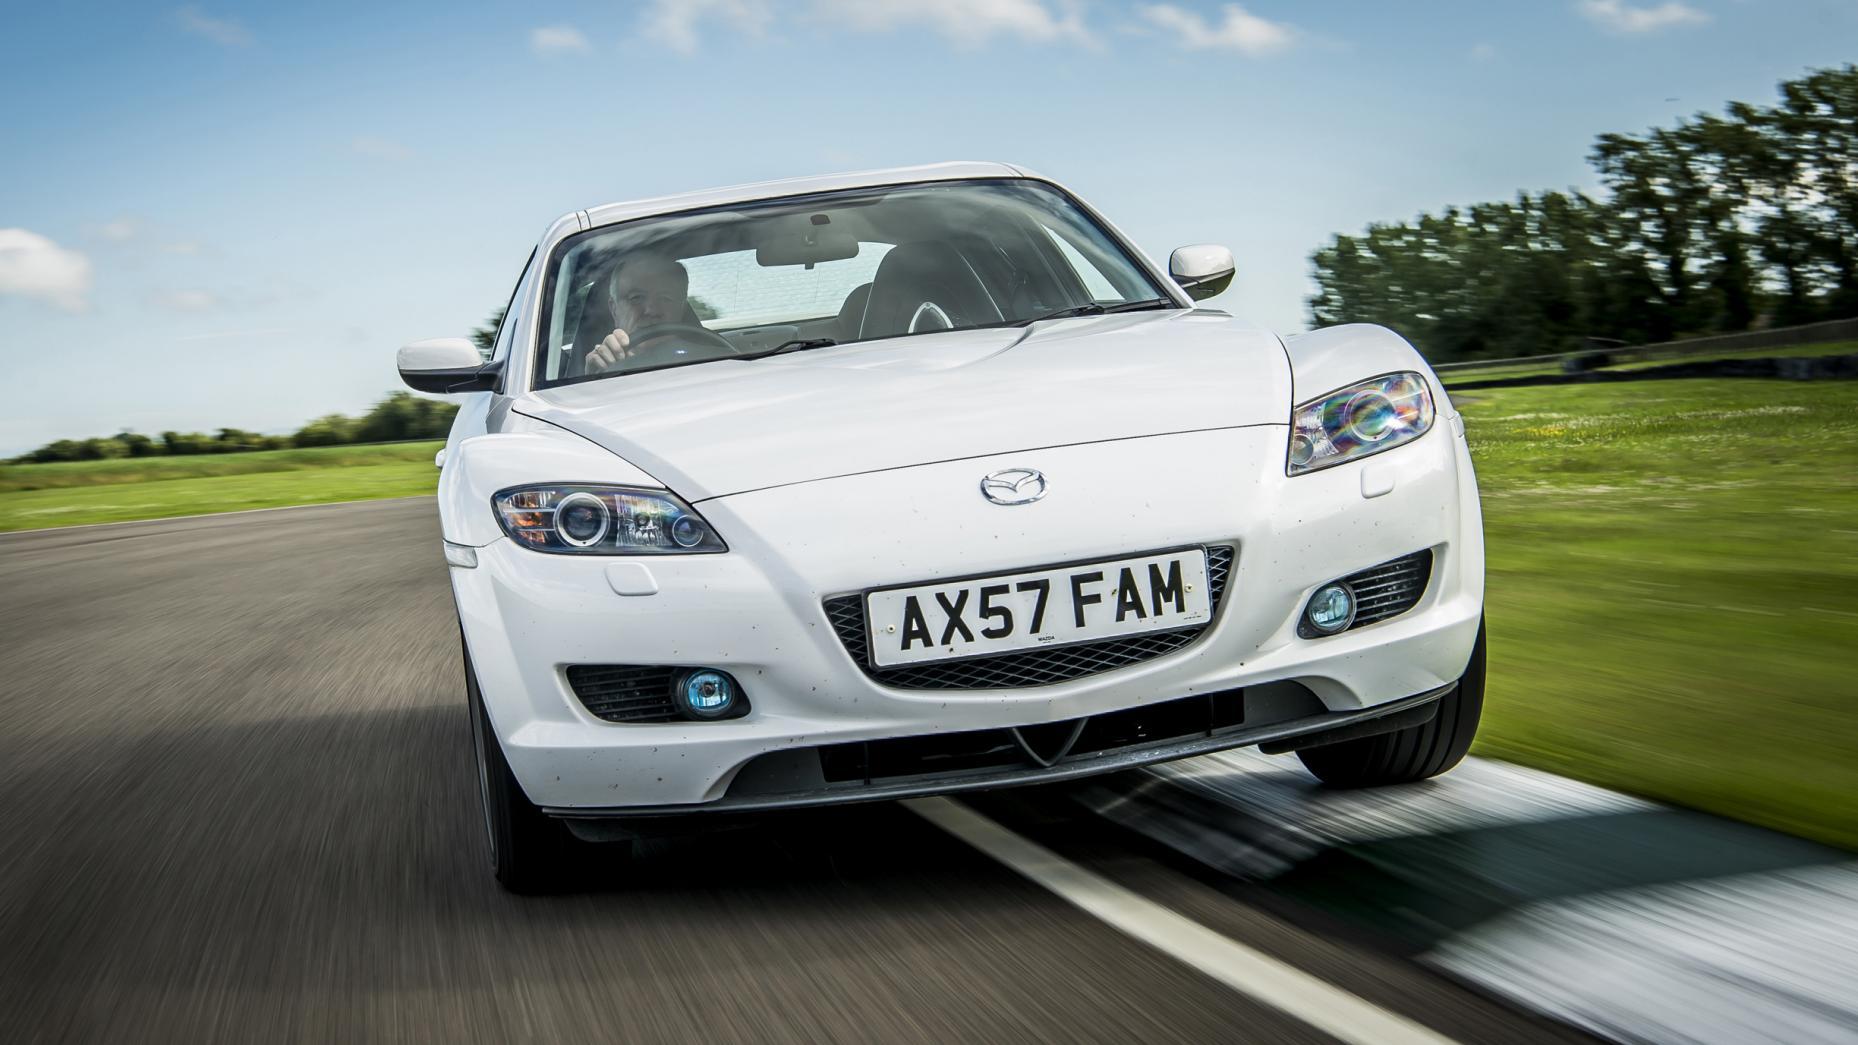 Mazda RX-8 wit